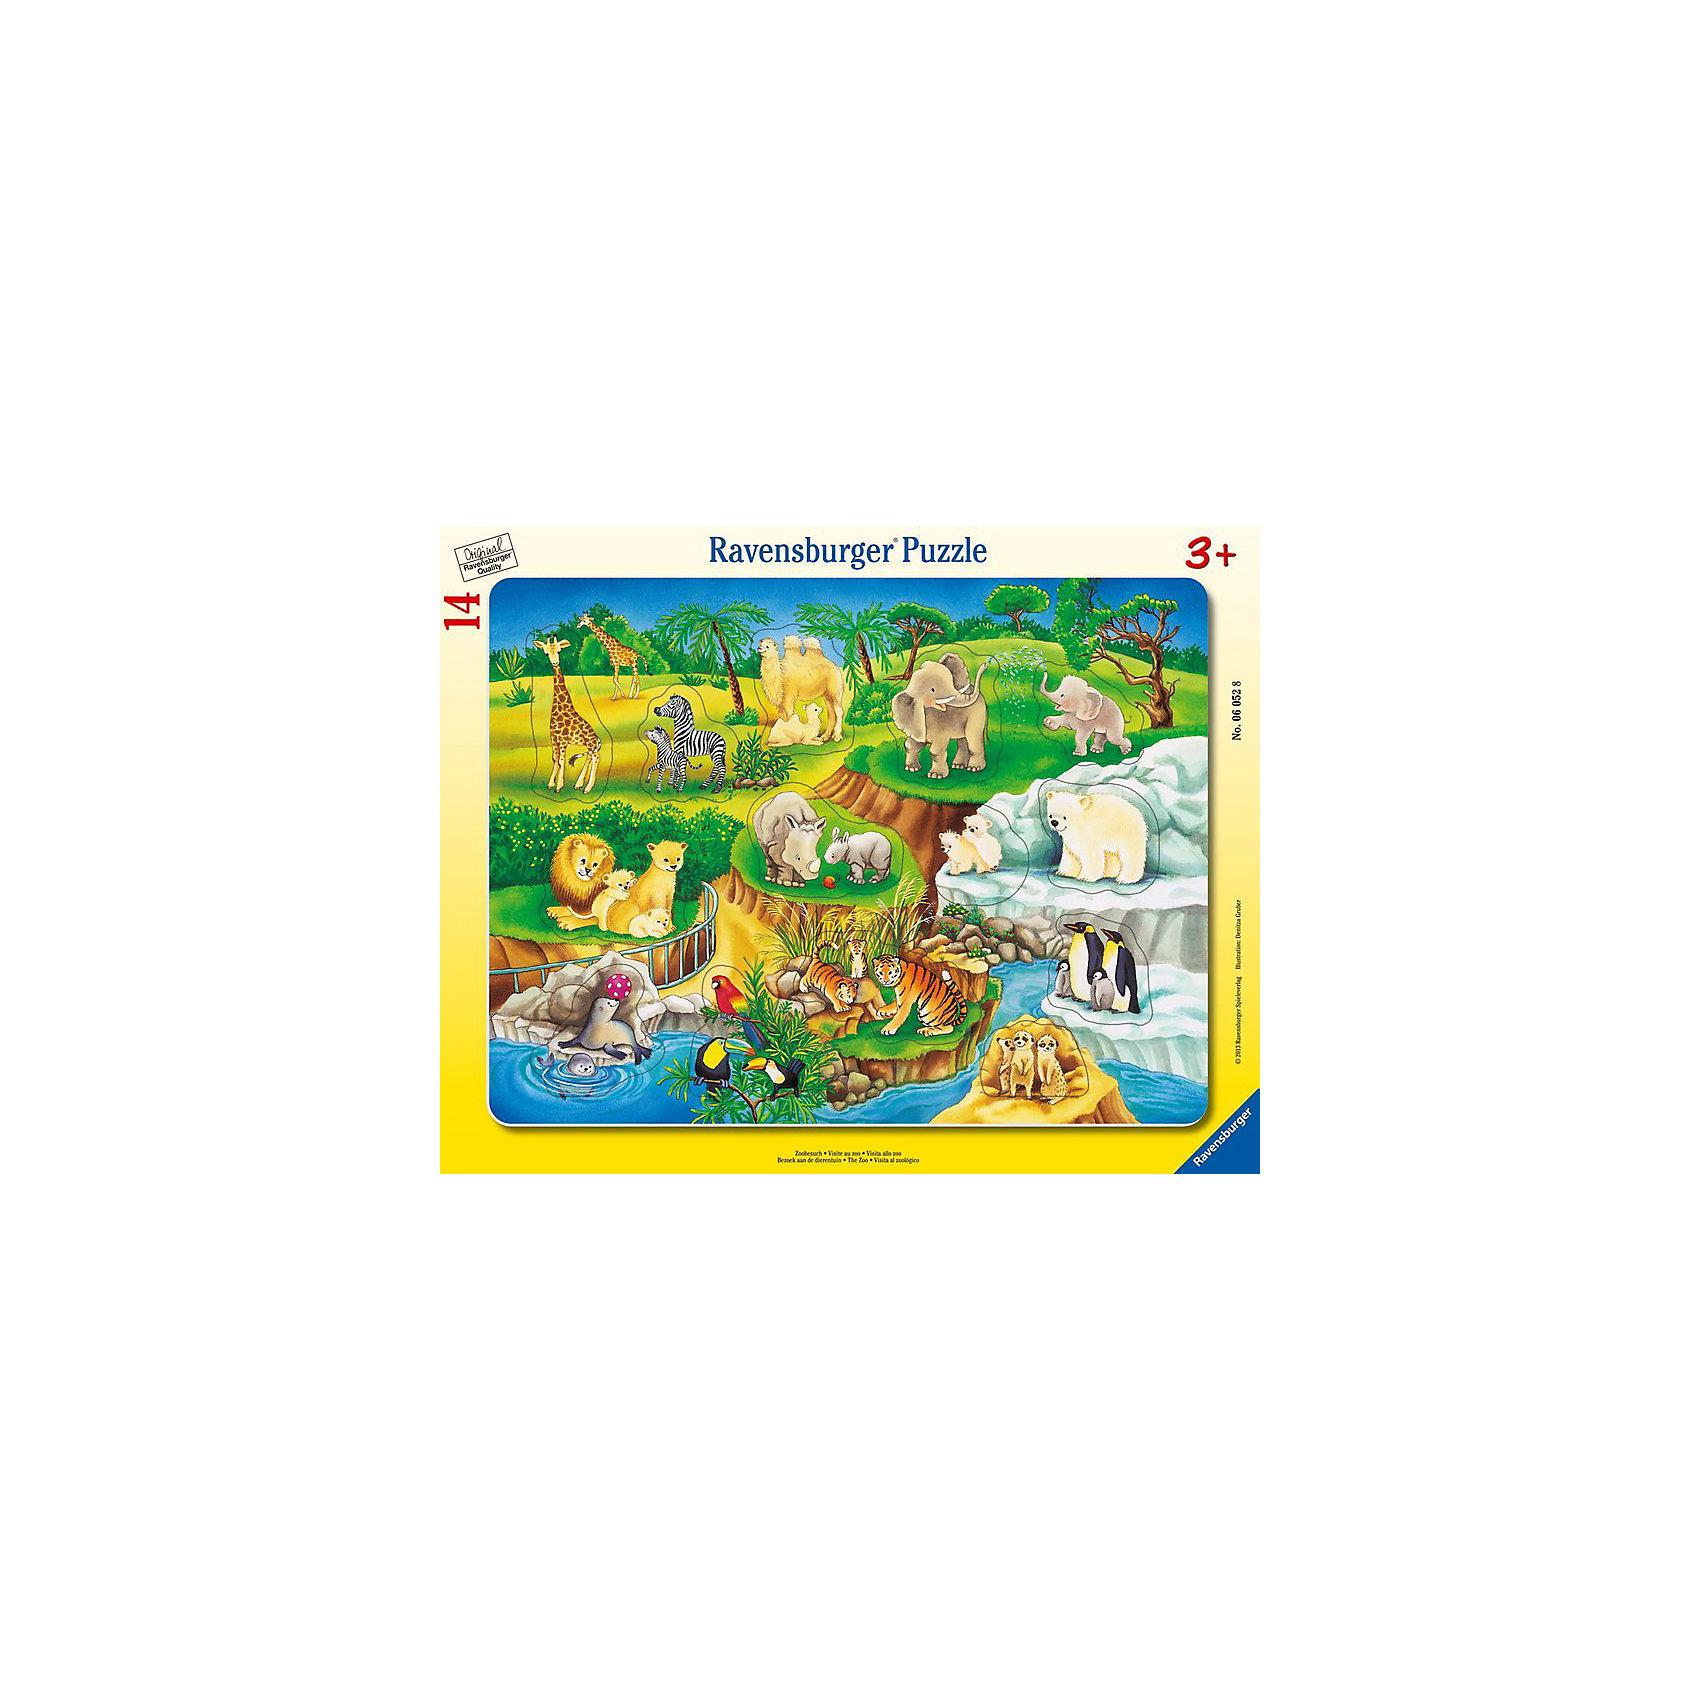 Пазл Зоопарк, 14 деталей, RavensburgerПазлы для малышей<br>Пазл Зоопарк, 14 деталей, Ravensburger (Равенсбургер) – это отличная развивающая игра-головоломка для детей.<br>Красочный пазл Зоопарк от немецкого производителя Ravensburger (Равенсбургер) состоит из 14 крупных картинок, изготовленных из качественного экологичного материала. Пазл познакомит ребенка с обитателями зоопарка. Малышу предстоит правильно разместить животных с детенышами на картинке с изображением территории зоопарка. Процесс сборки пазла не только увлечет ребенка, но поможет развить мелкую моторику рук, наблюдательность, логическое мышление, усидчивость, терпение, аккуратность, внимание и познакомит с окружающим миром. Пазлы Ravensburger (Равенсбургер) - это высочайшее качество картона и полиграфии. Детали пазла не ломаются, не подвергаются деформации при сборке. Элементы пазла идеально соединяются друг с другом, не отслаиваются с течением времени. Матовая поверхность исключает отблески.<br><br>Дополнительная информация:<br><br>- Количество деталей: 14<br>- Размер картинки: 33х25 см.<br>- Материал: прочный, качественный картон<br>- Размер упаковки: 38 x 30 x 1 см.<br><br>Пазл Зоопарк, 14 деталей, Ravensburger (Равенсбургер) можно купить в нашем интернет-магазине.<br><br>Ширина мм: 375<br>Глубина мм: 294<br>Высота мм: 10<br>Вес г: 297<br>Возраст от месяцев: 36<br>Возраст до месяцев: 60<br>Пол: Унисекс<br>Возраст: Детский<br>Количество деталей: 14<br>SKU: 2886866